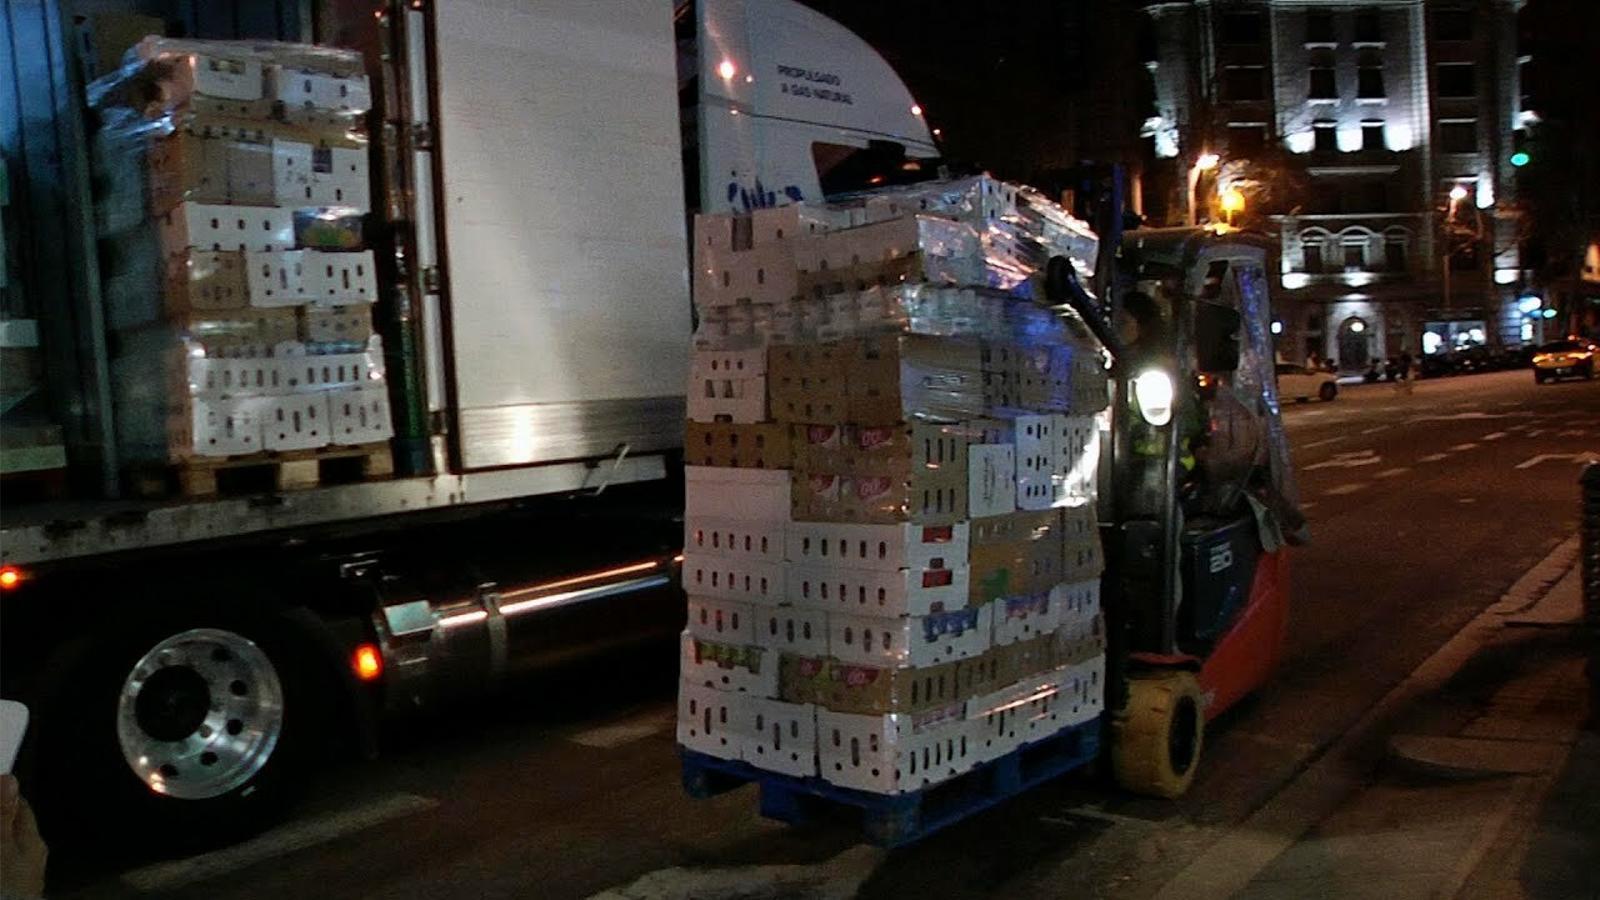 Els camions silenciosos que recorren Barcelona de nit